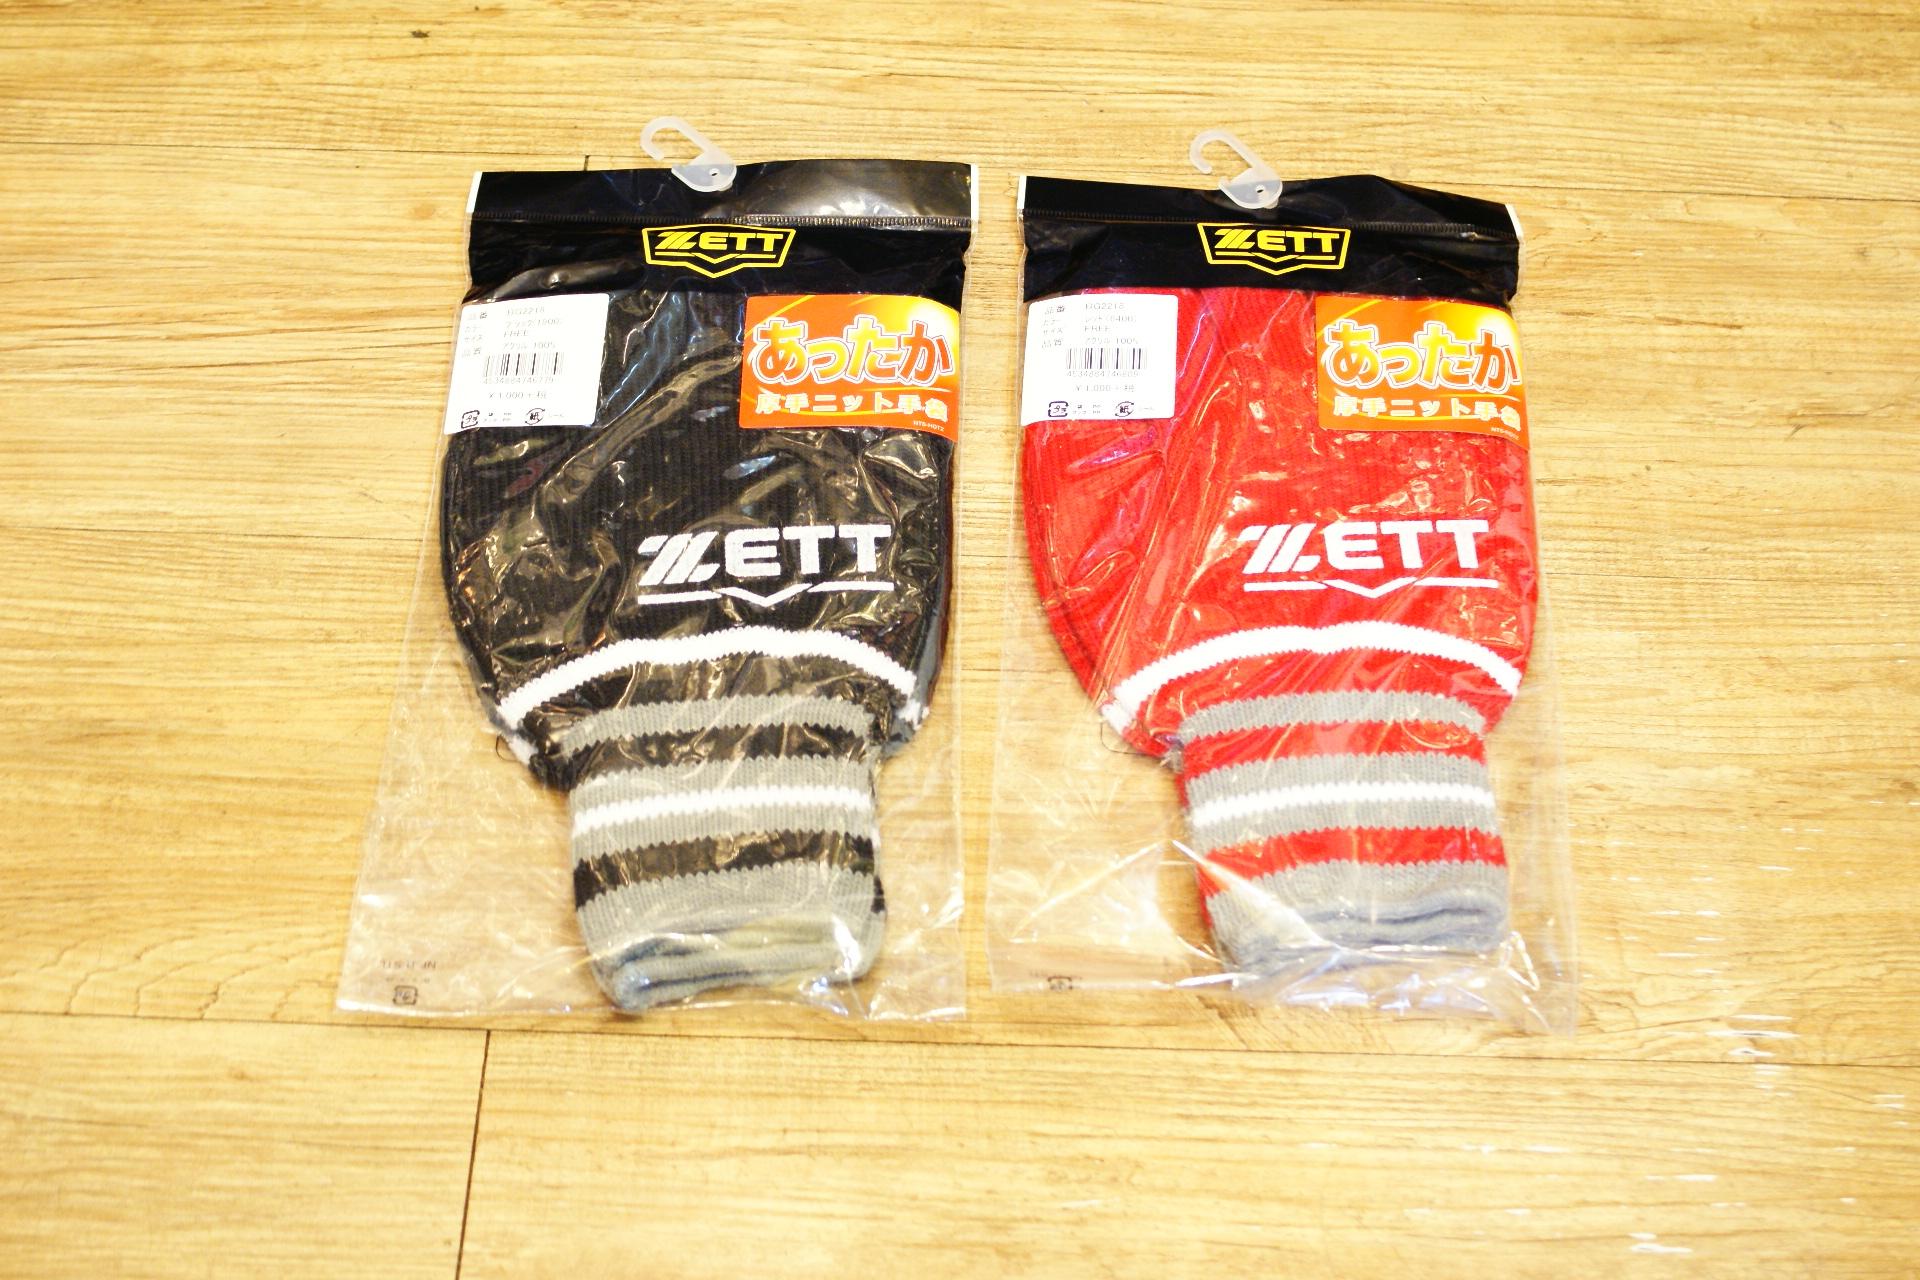 棒球世界 全新ZETT日本進口保暖手套 特價 四色